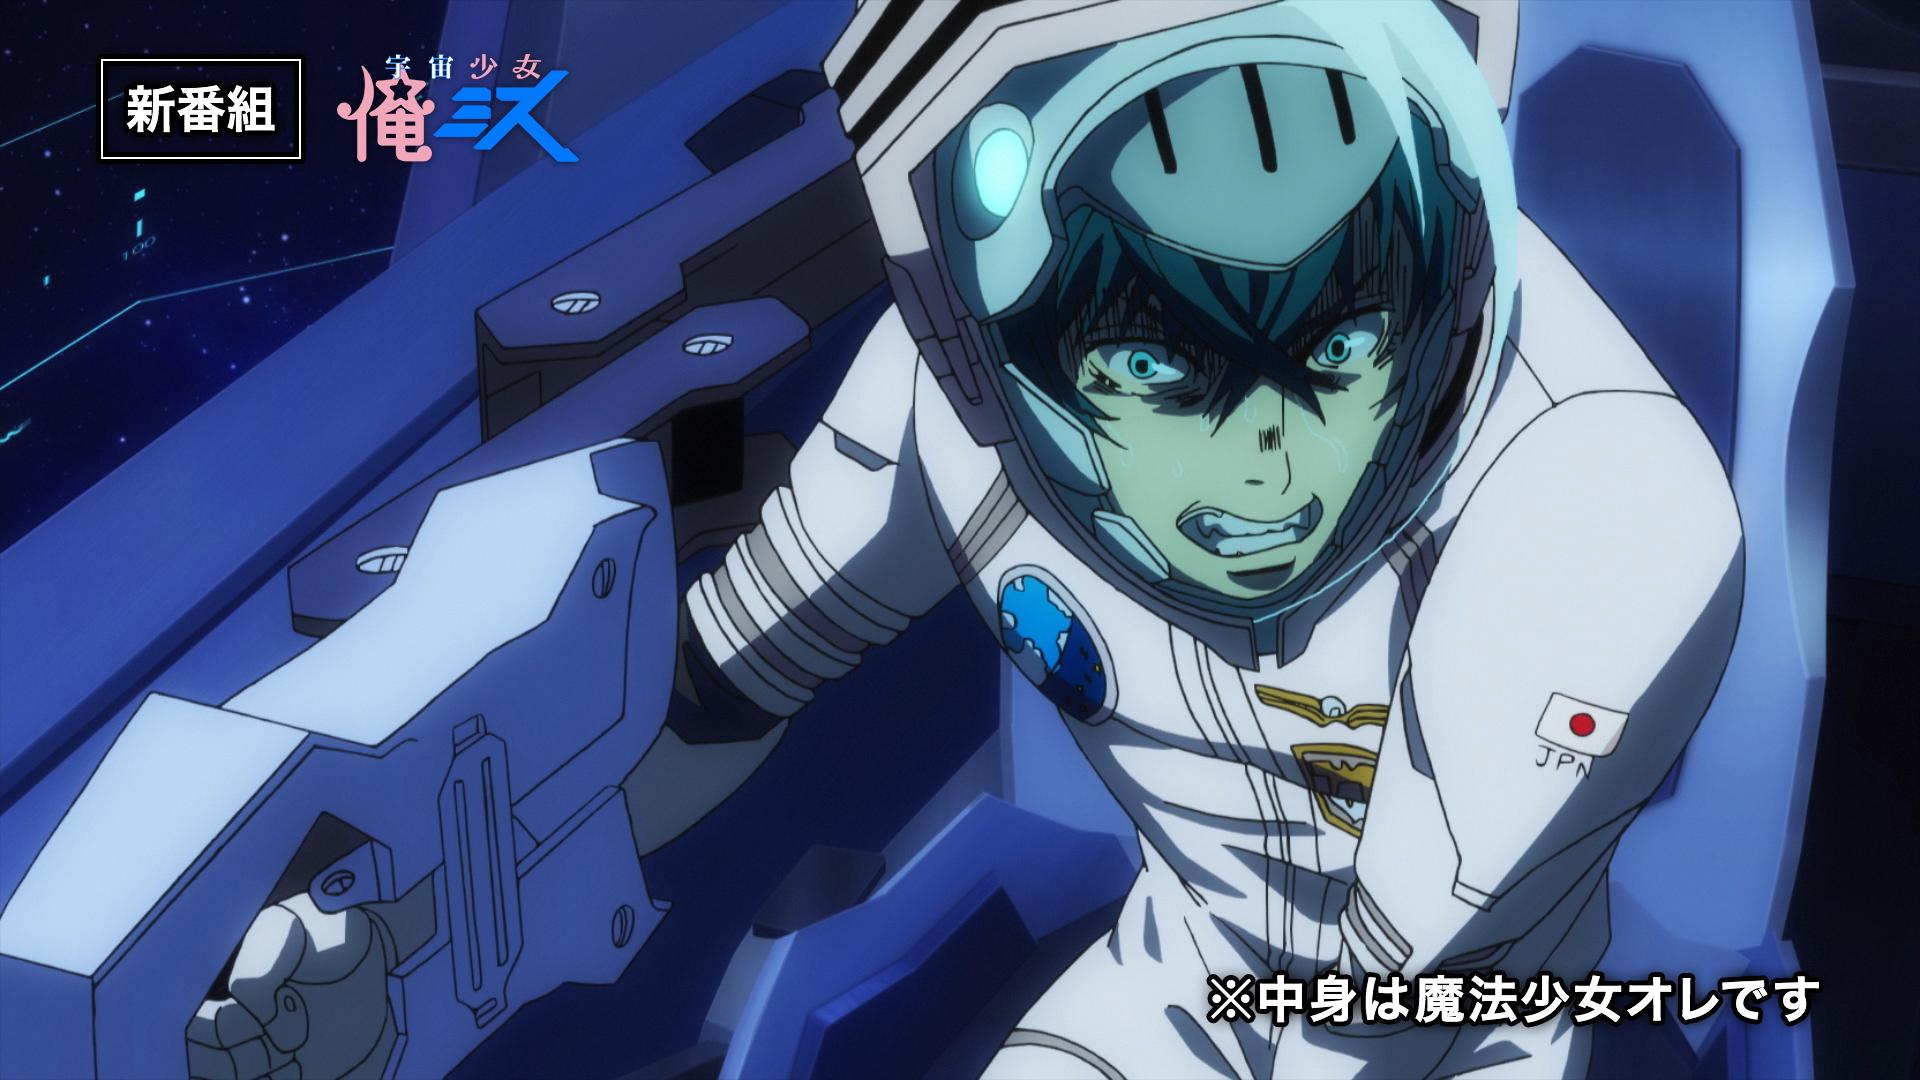 『宇宙戦艦ティラミス』と『魔法少女 俺』がコラボ!